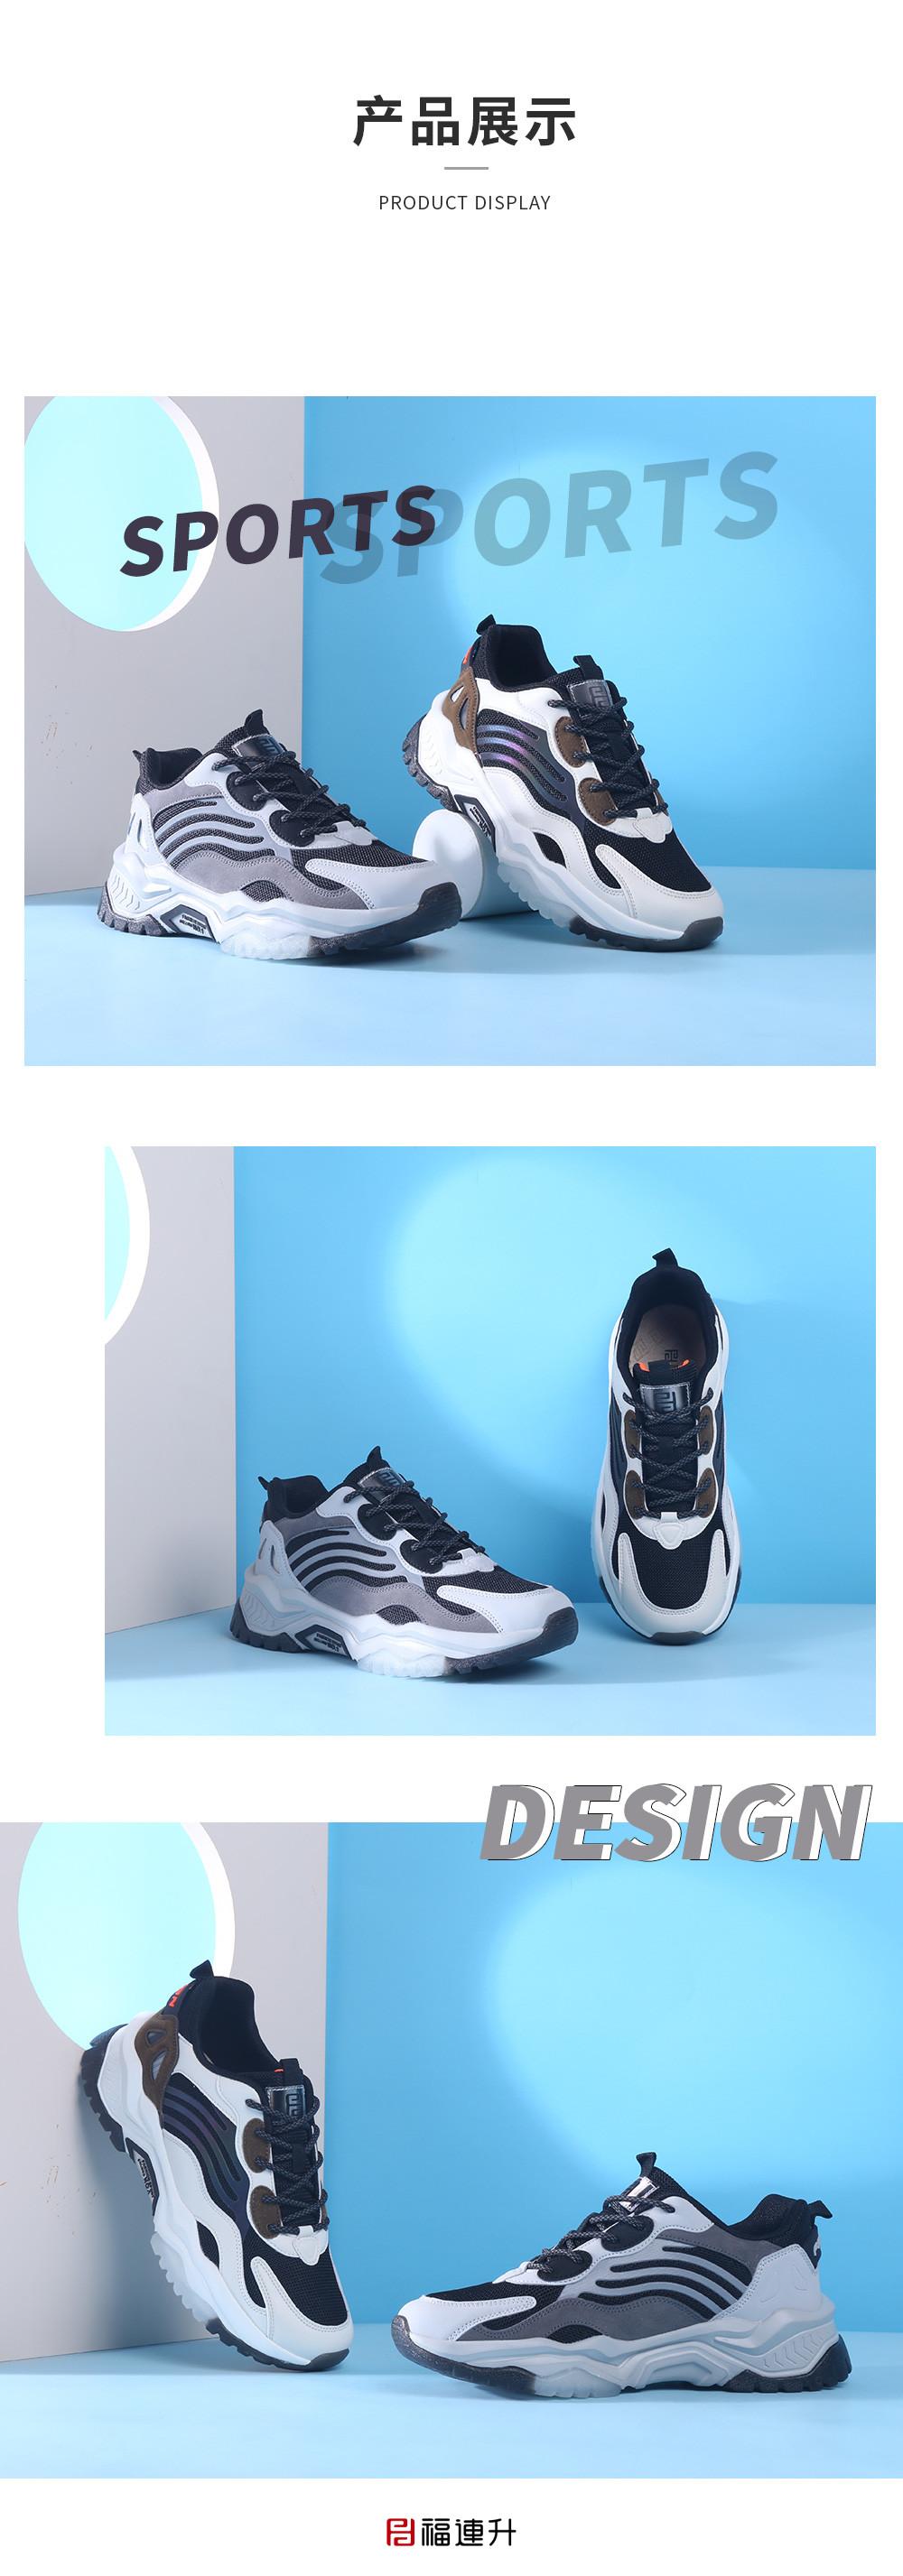 福连升男鞋春老爹鞋厚底增高鞋休闲运动鞋图片